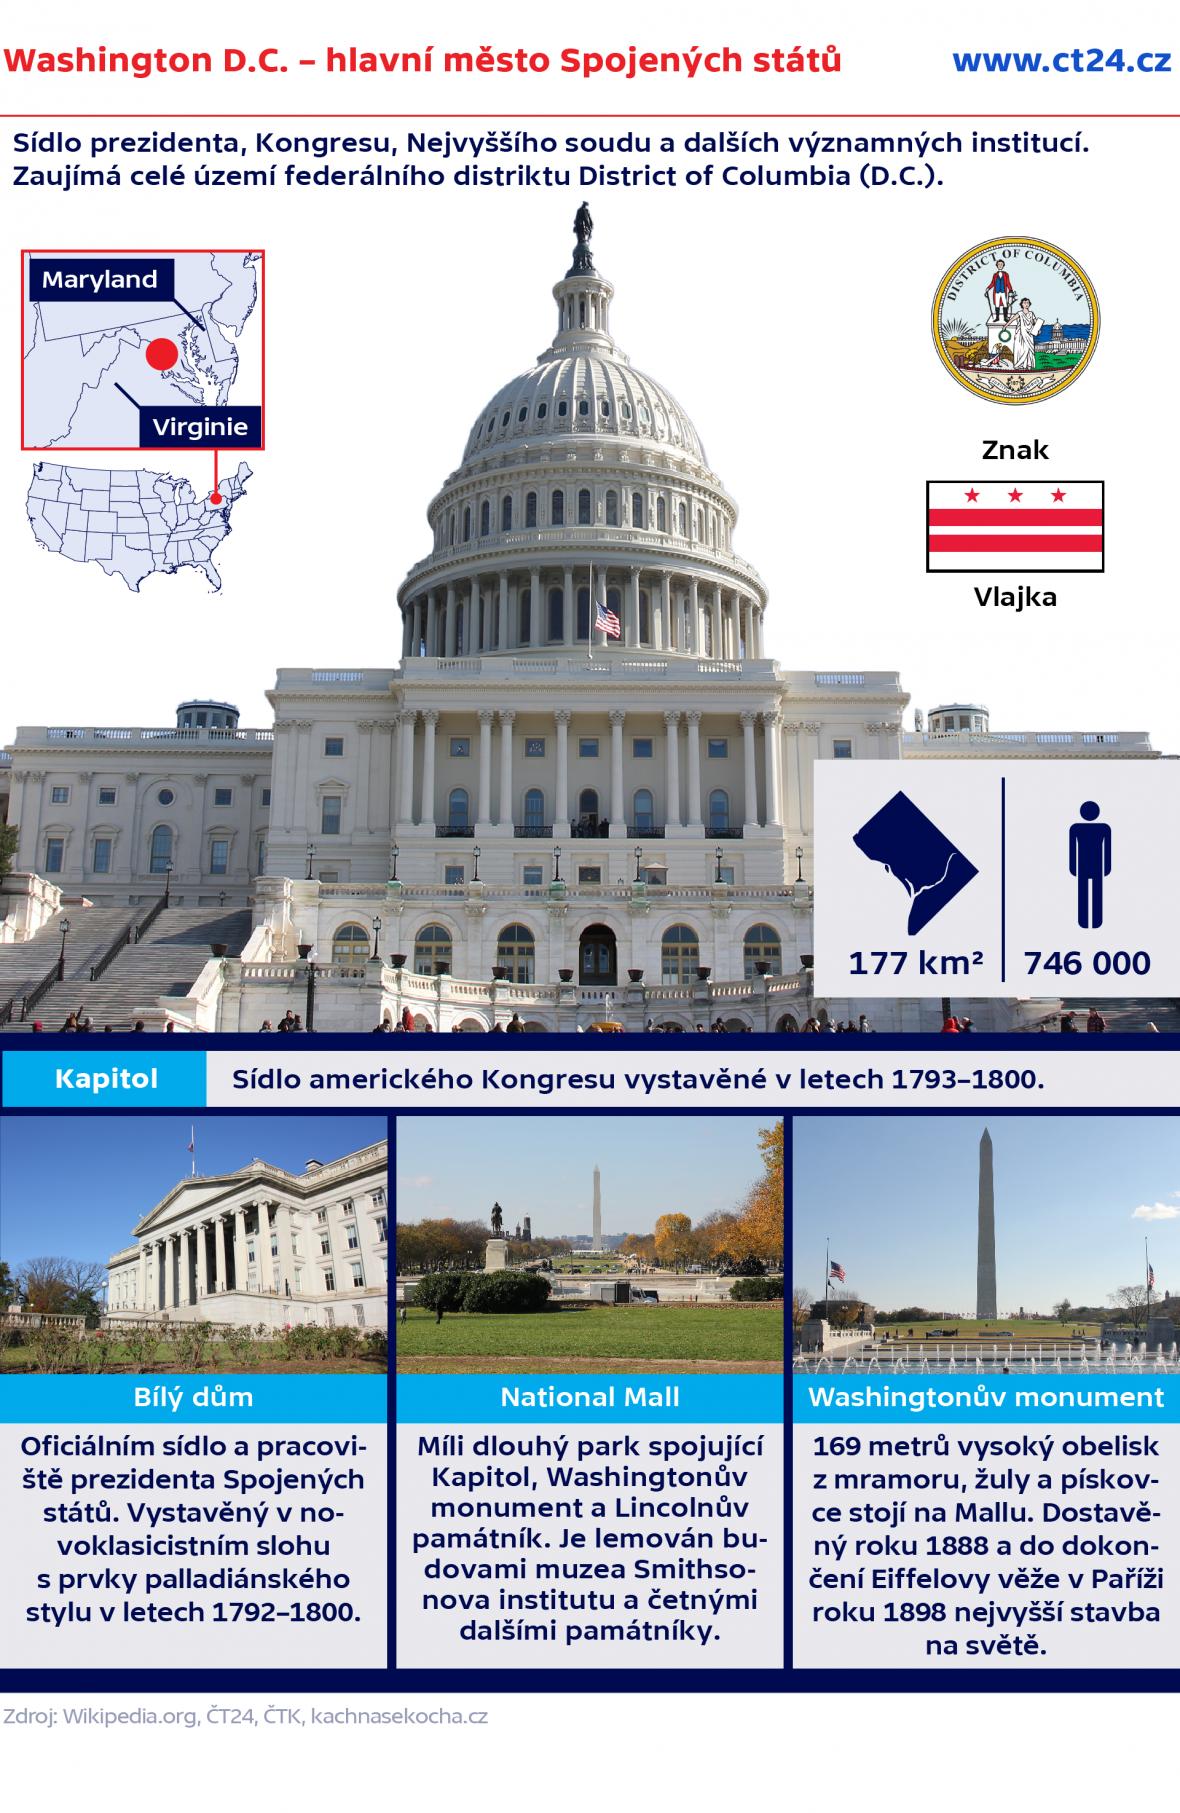 Washington, D.C. – hlavní město Spojených států